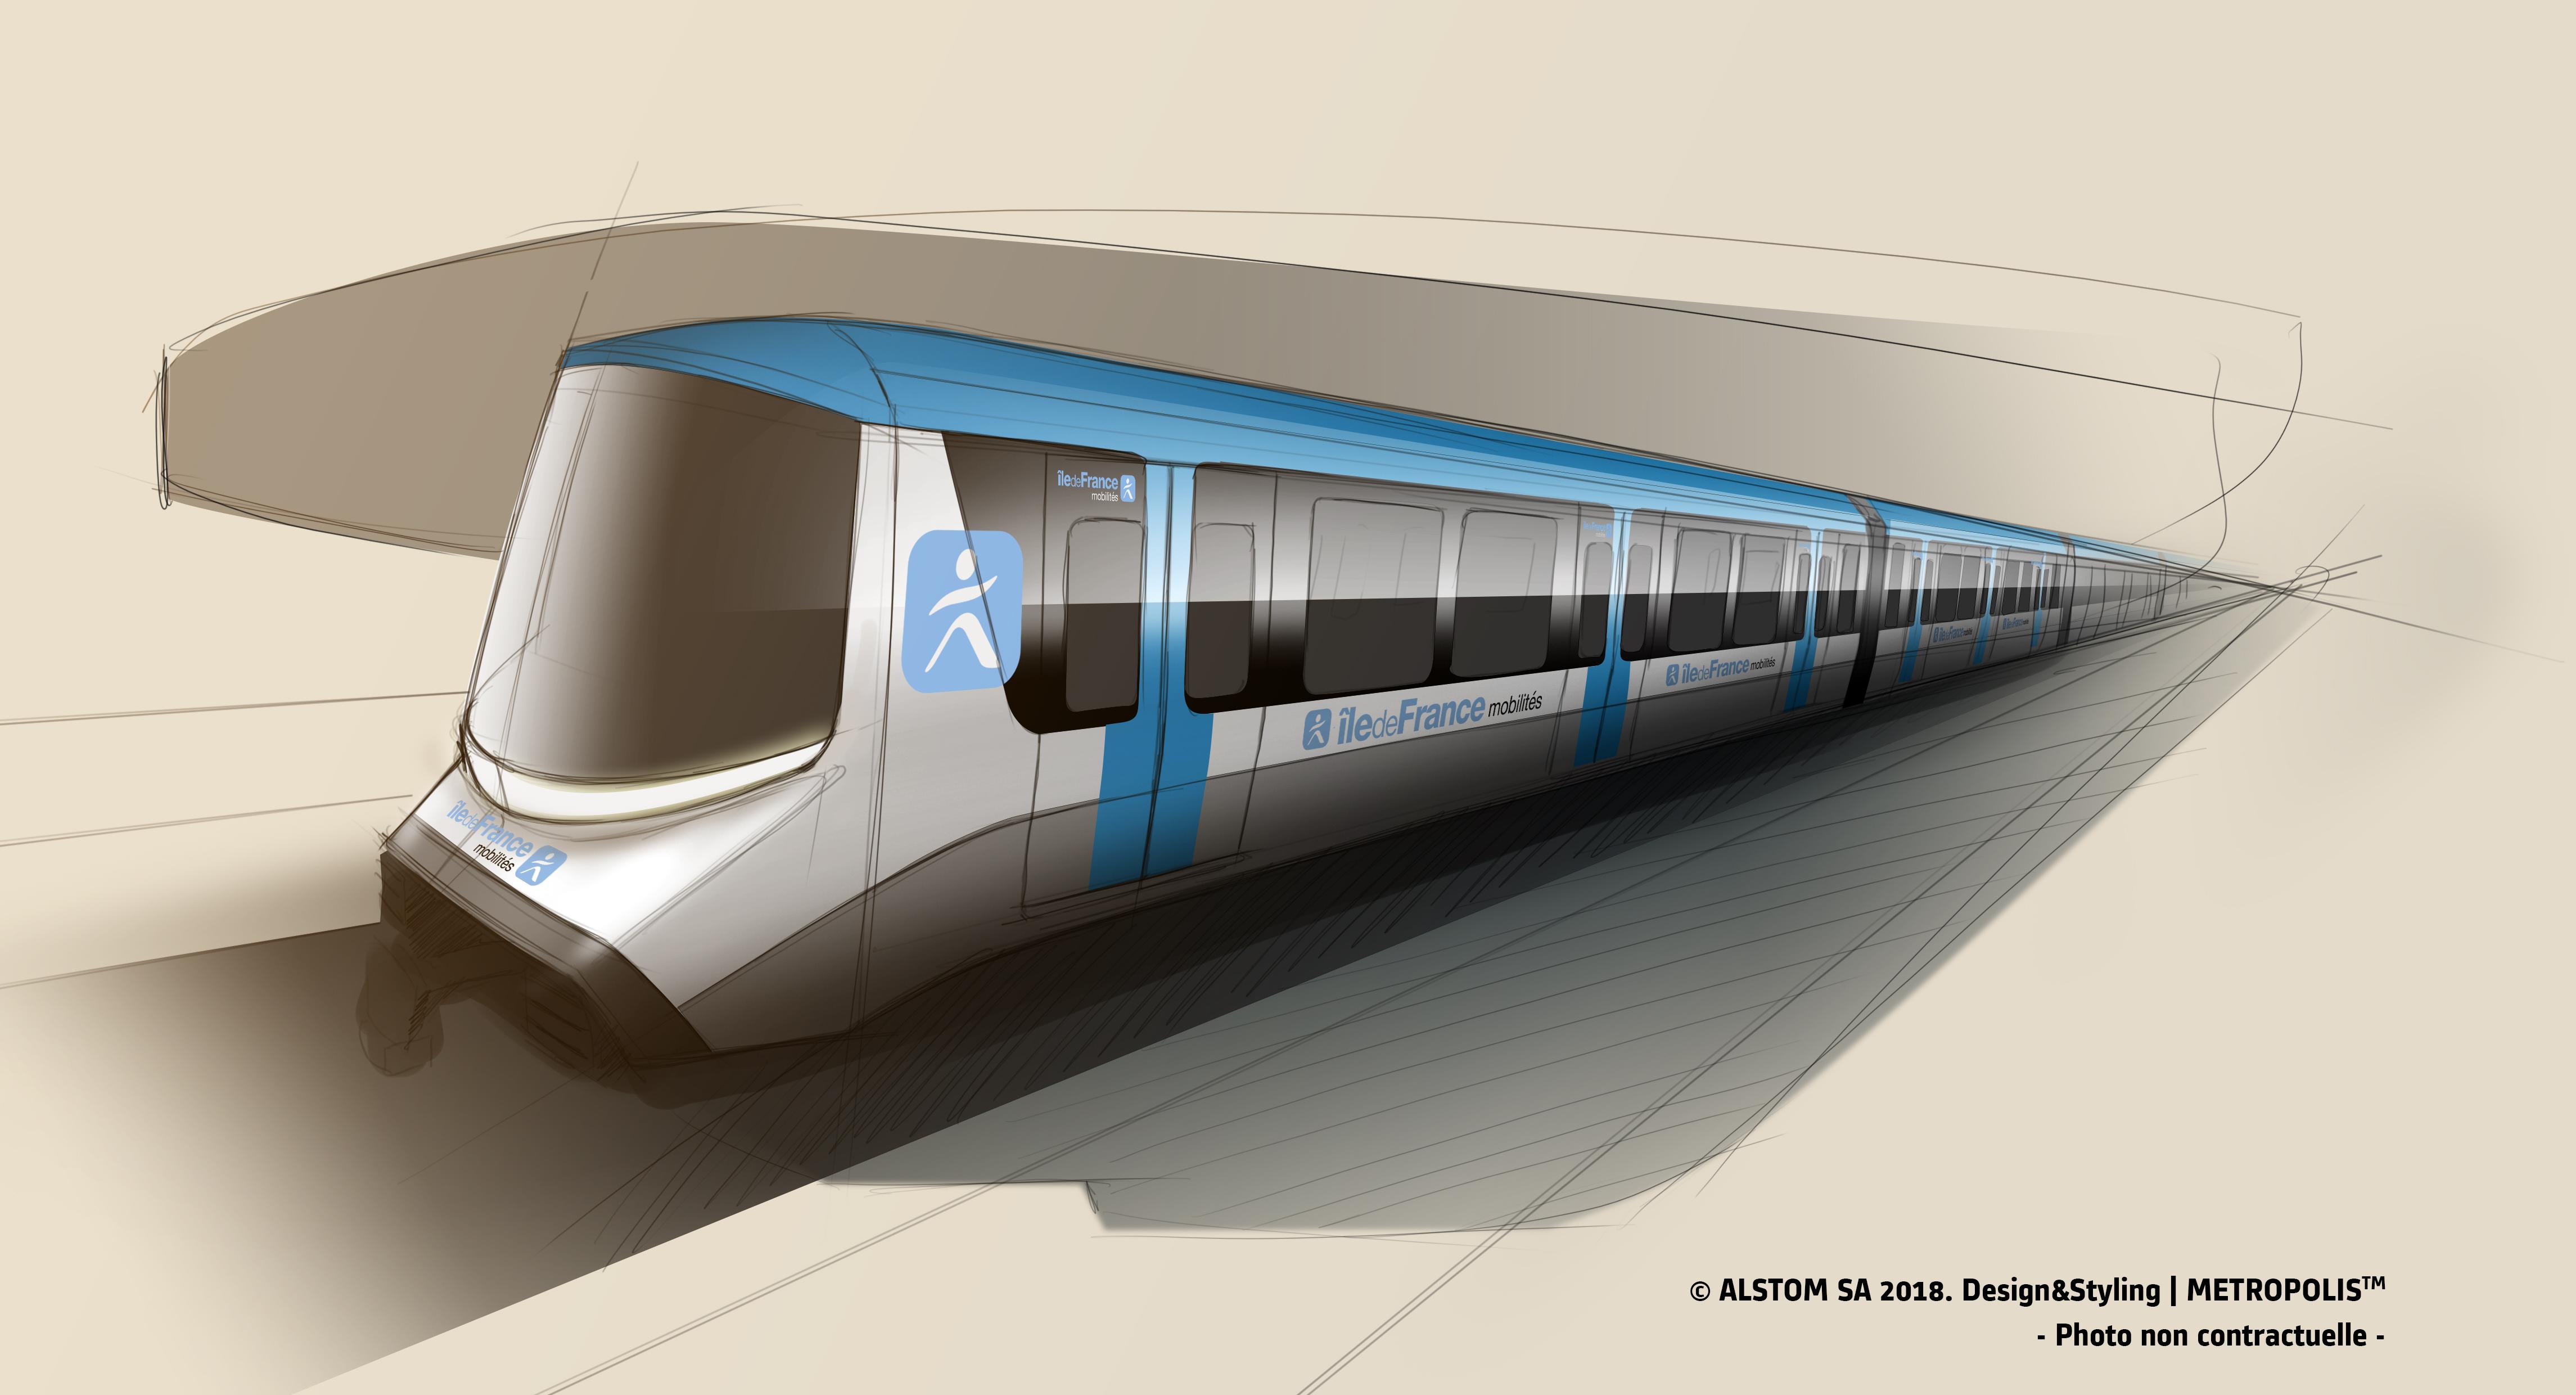 Société du Grand Paris, w porozumieniu z Île-de-France Mobilités, wybiera Alstom jako dostawcę pociągów dla   linii 15, 16 i 17 Grand Paris Express